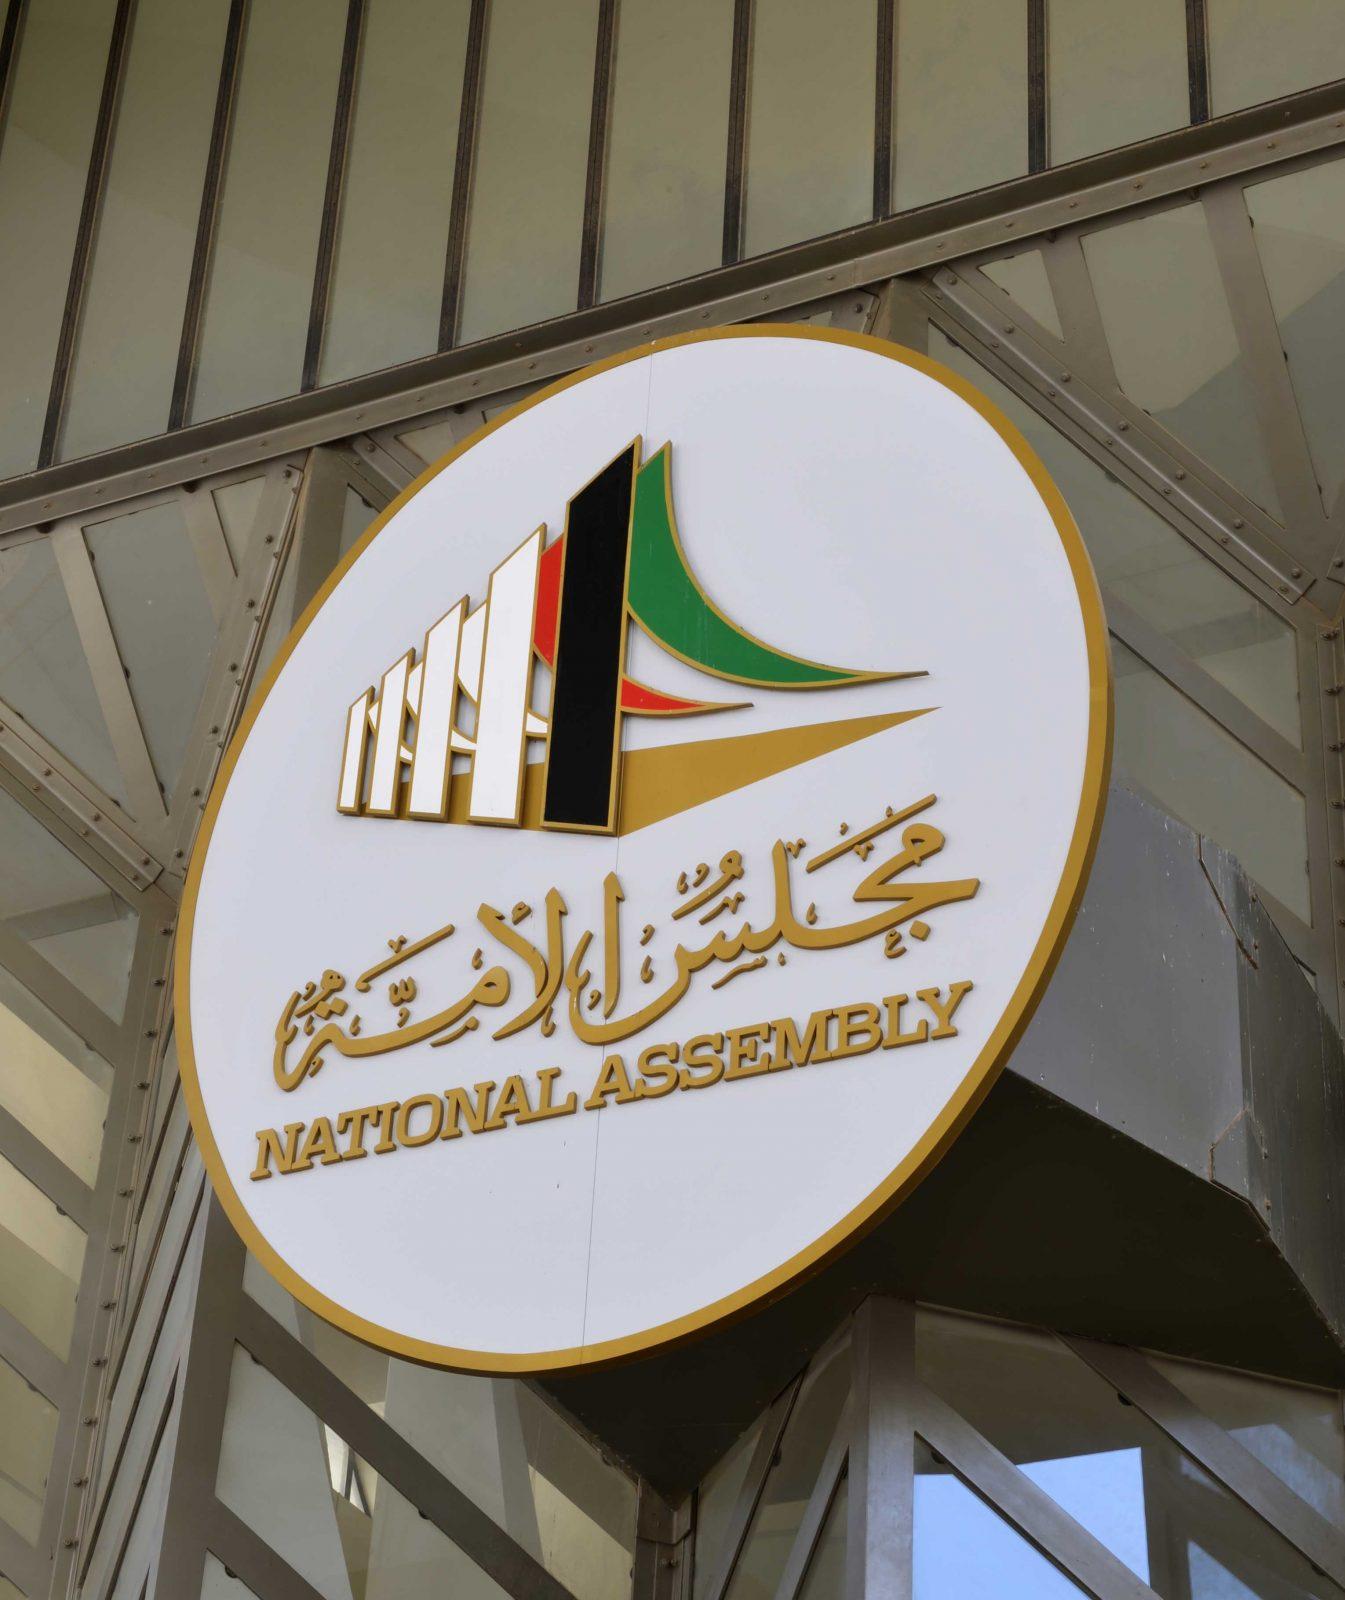 مجلس الامة1 - عدنان عبدالصمد : 3.3 مليارات دينار تقديرات النفقات الرأسمالية في ميزانية السنة المالية الجديدة..150 مليون دينار منها للصيانة الجذرية للطرق